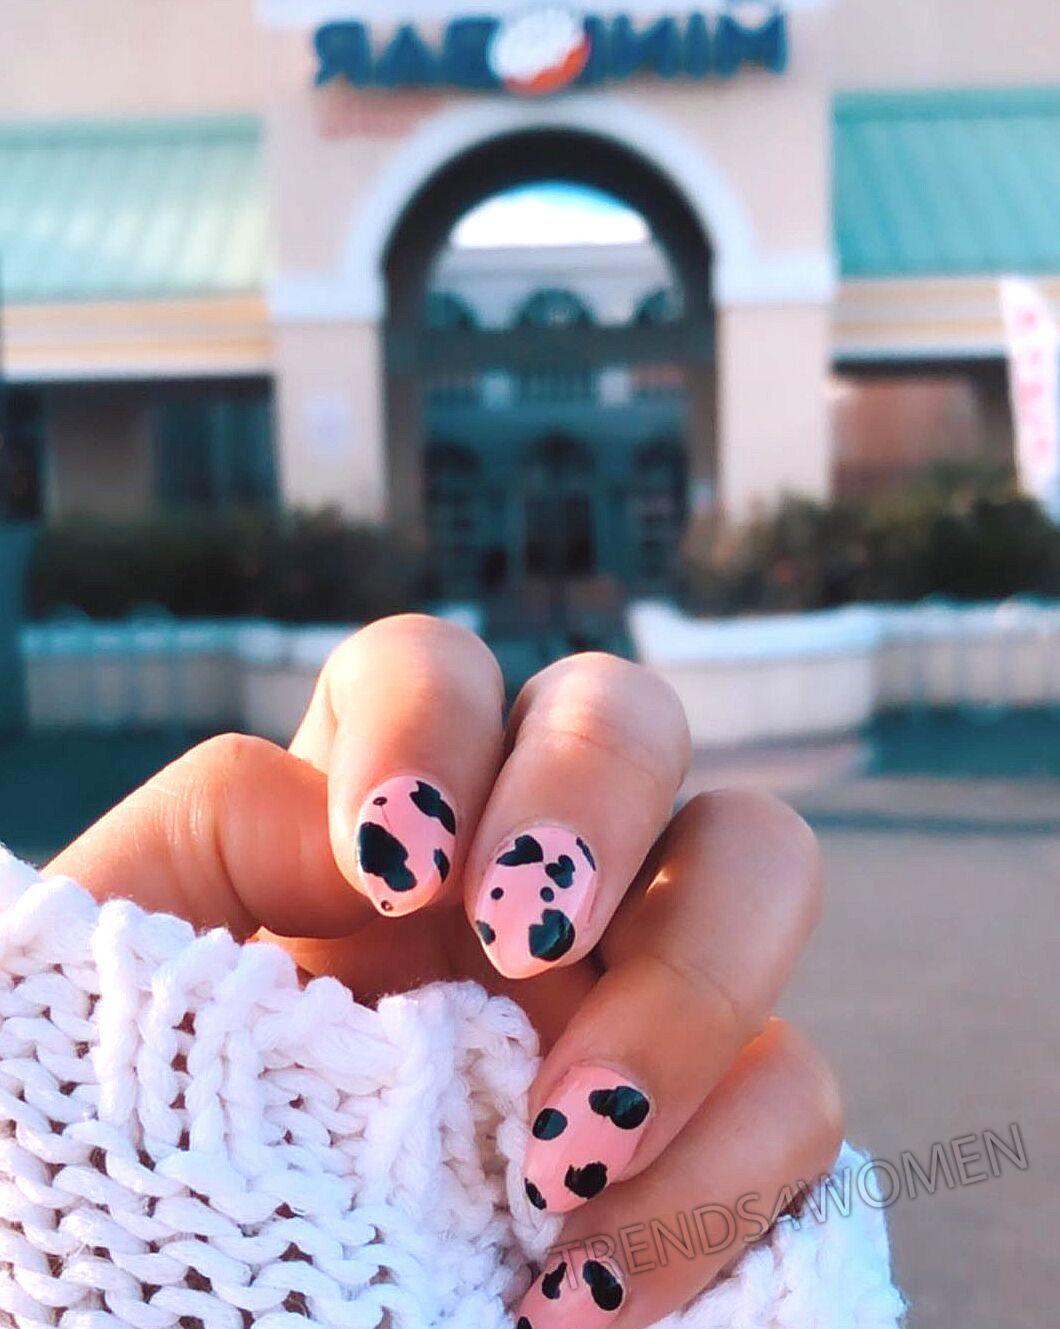 #cowgirl #cownails #cownailsart #cownail #nailsofinstagram #nails #nailart #naildesigns #nails💅 #nailsonfleek #naildesigns #nailideas #naildesign #naillove #naillovers #cowlover #cowart #nailtech #topbestbeauty #florida